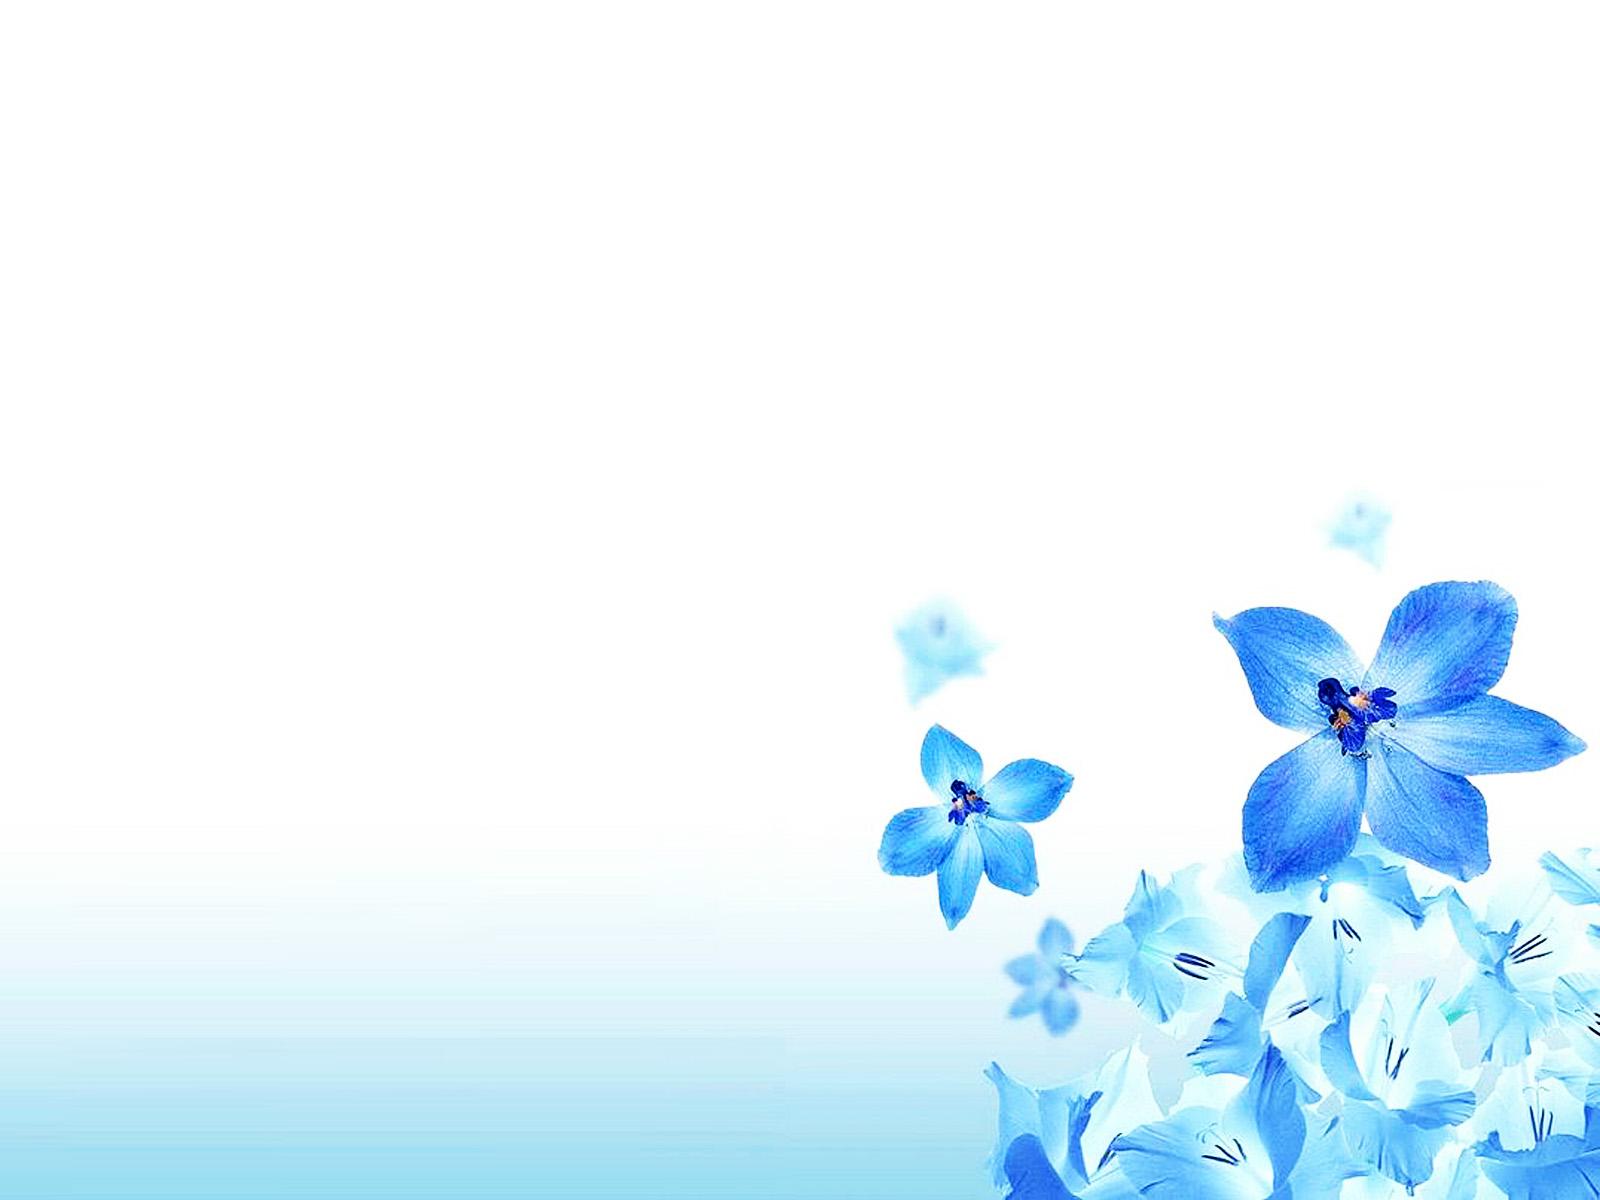 Hình nền đẹp cho PowerPoint với những đóa hoa lan